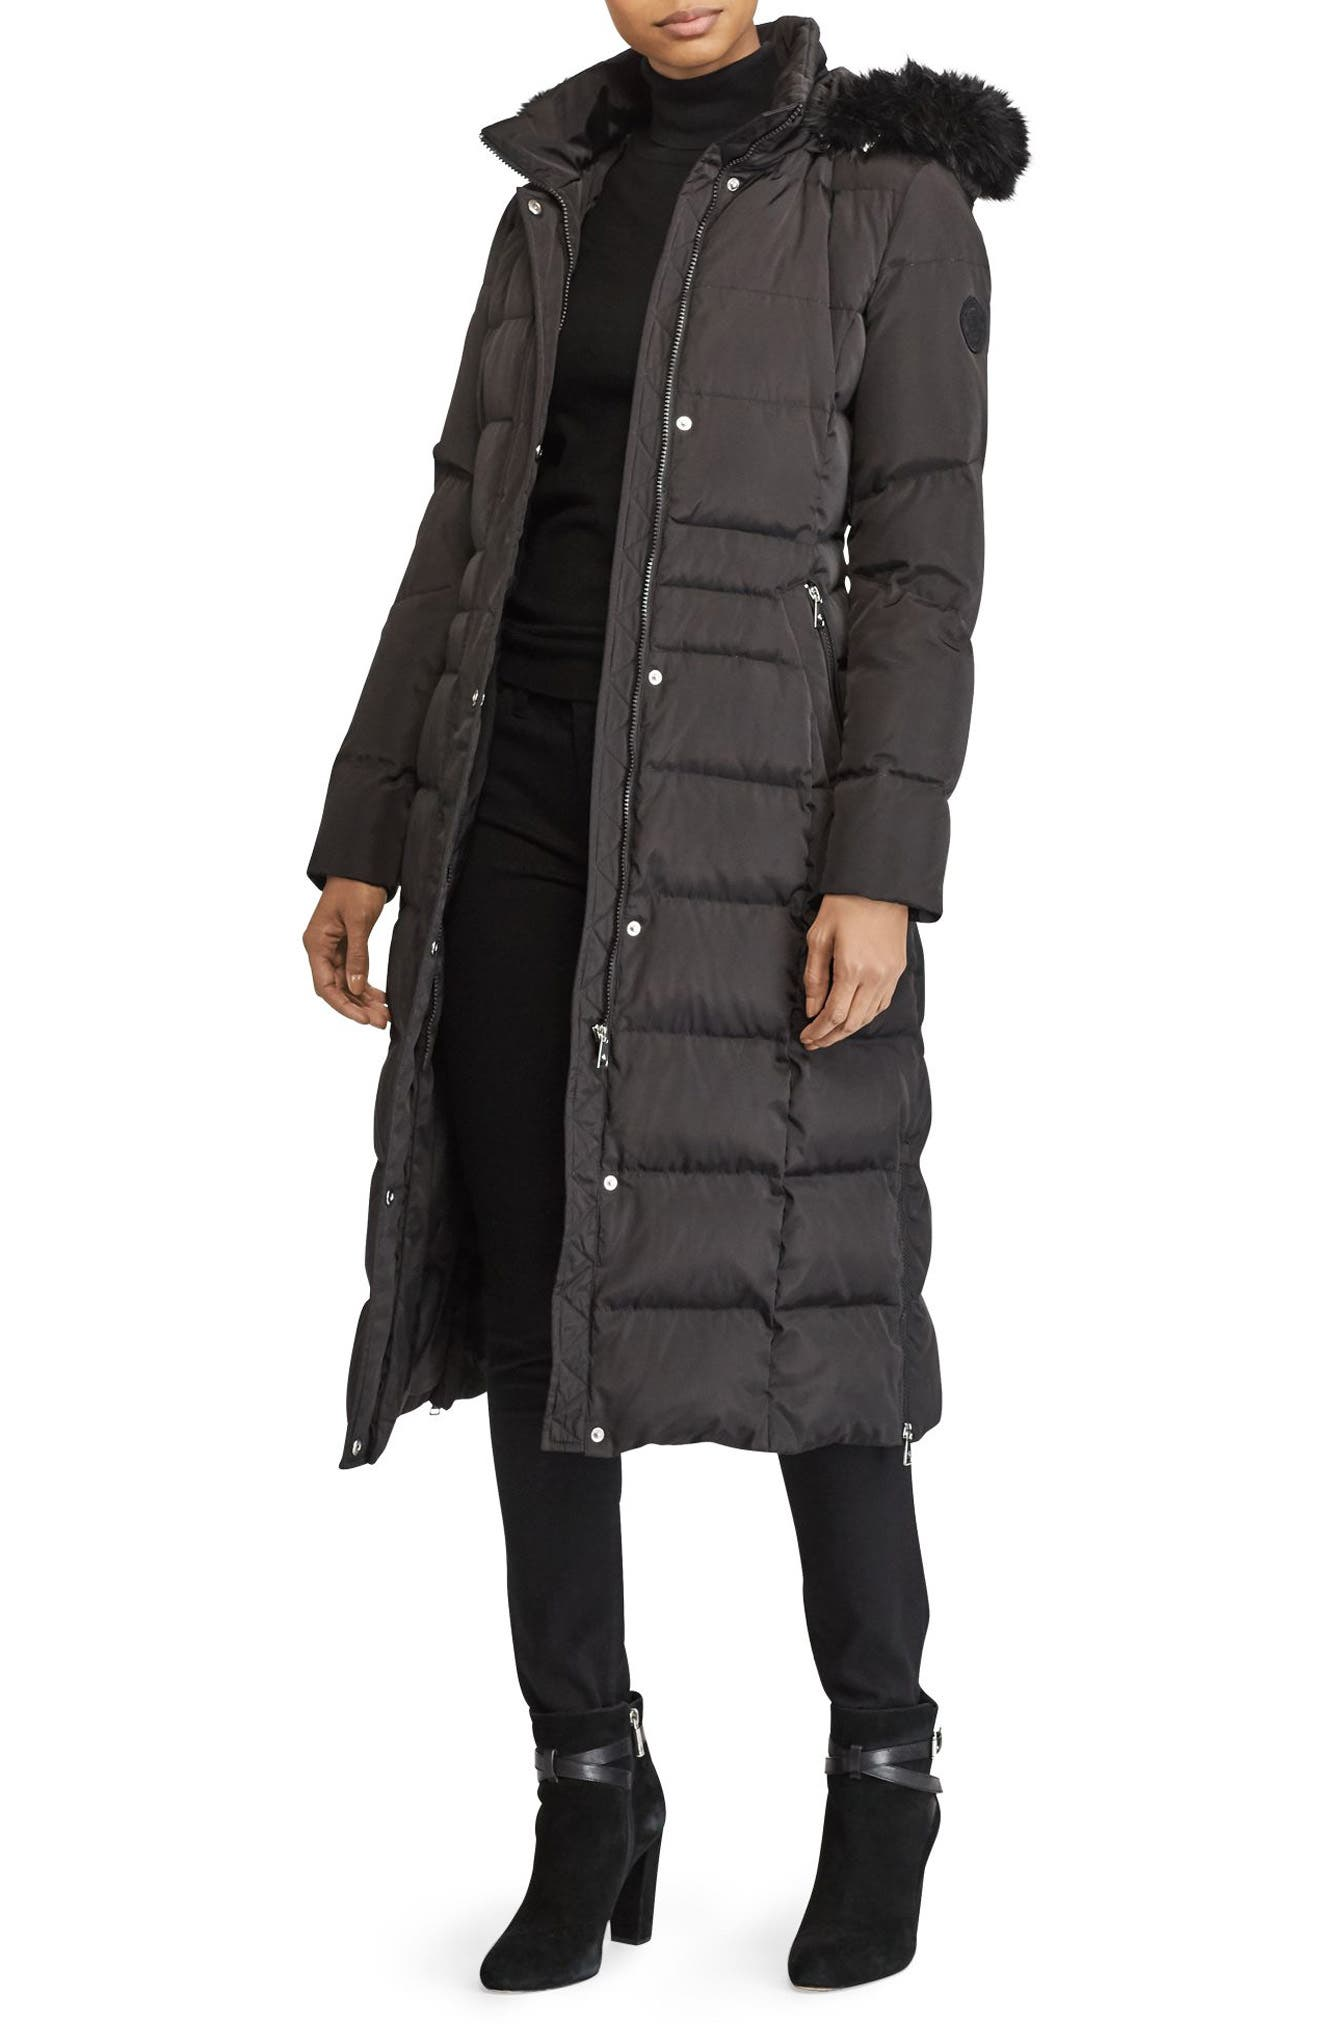 LAUREN RALPH LAUREN Long Down Coat with Faux Fur Trim, Main, color, 001